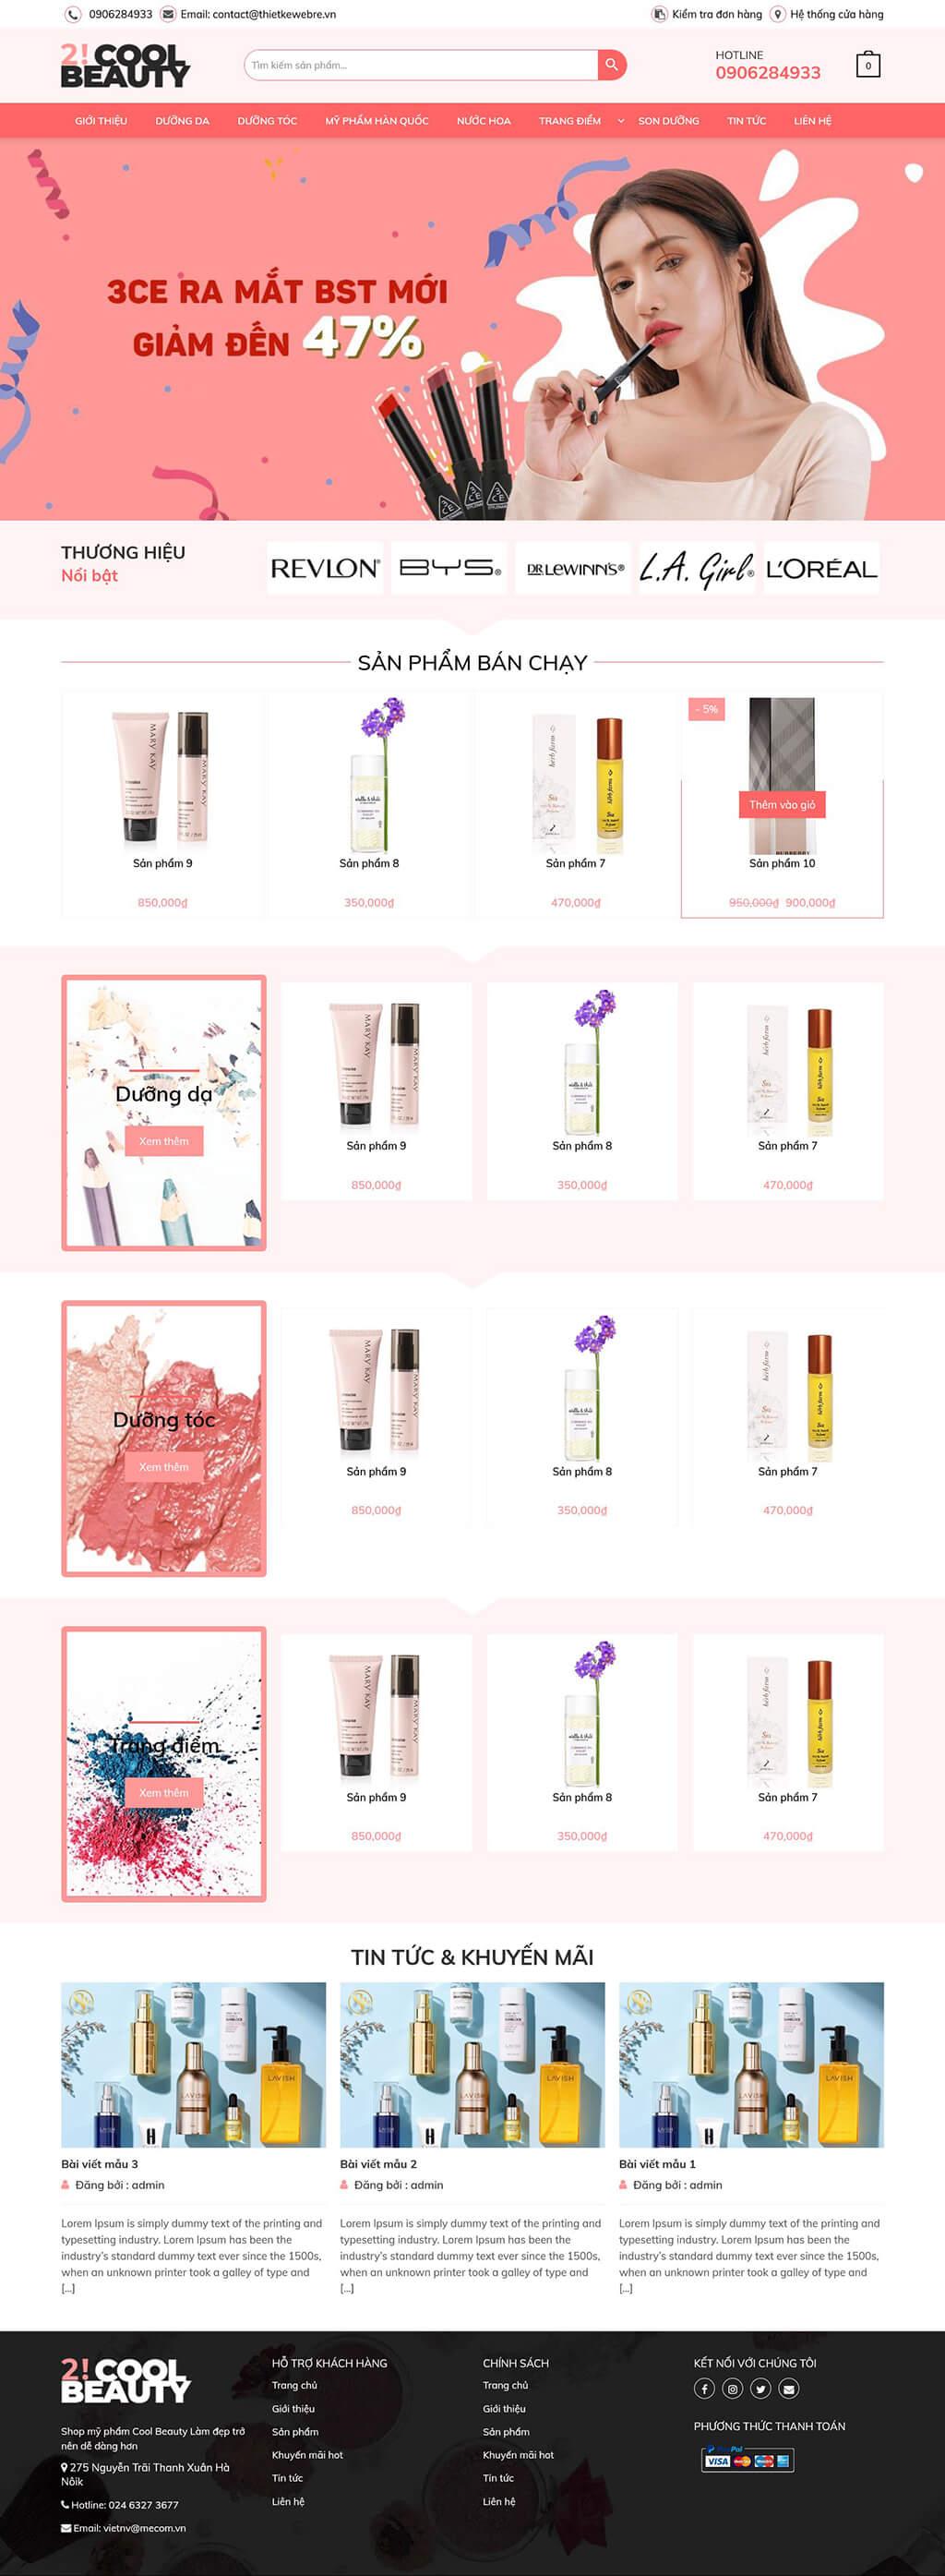 Thiết kế website bán hàng mỹ phẩm 2coolbeauty